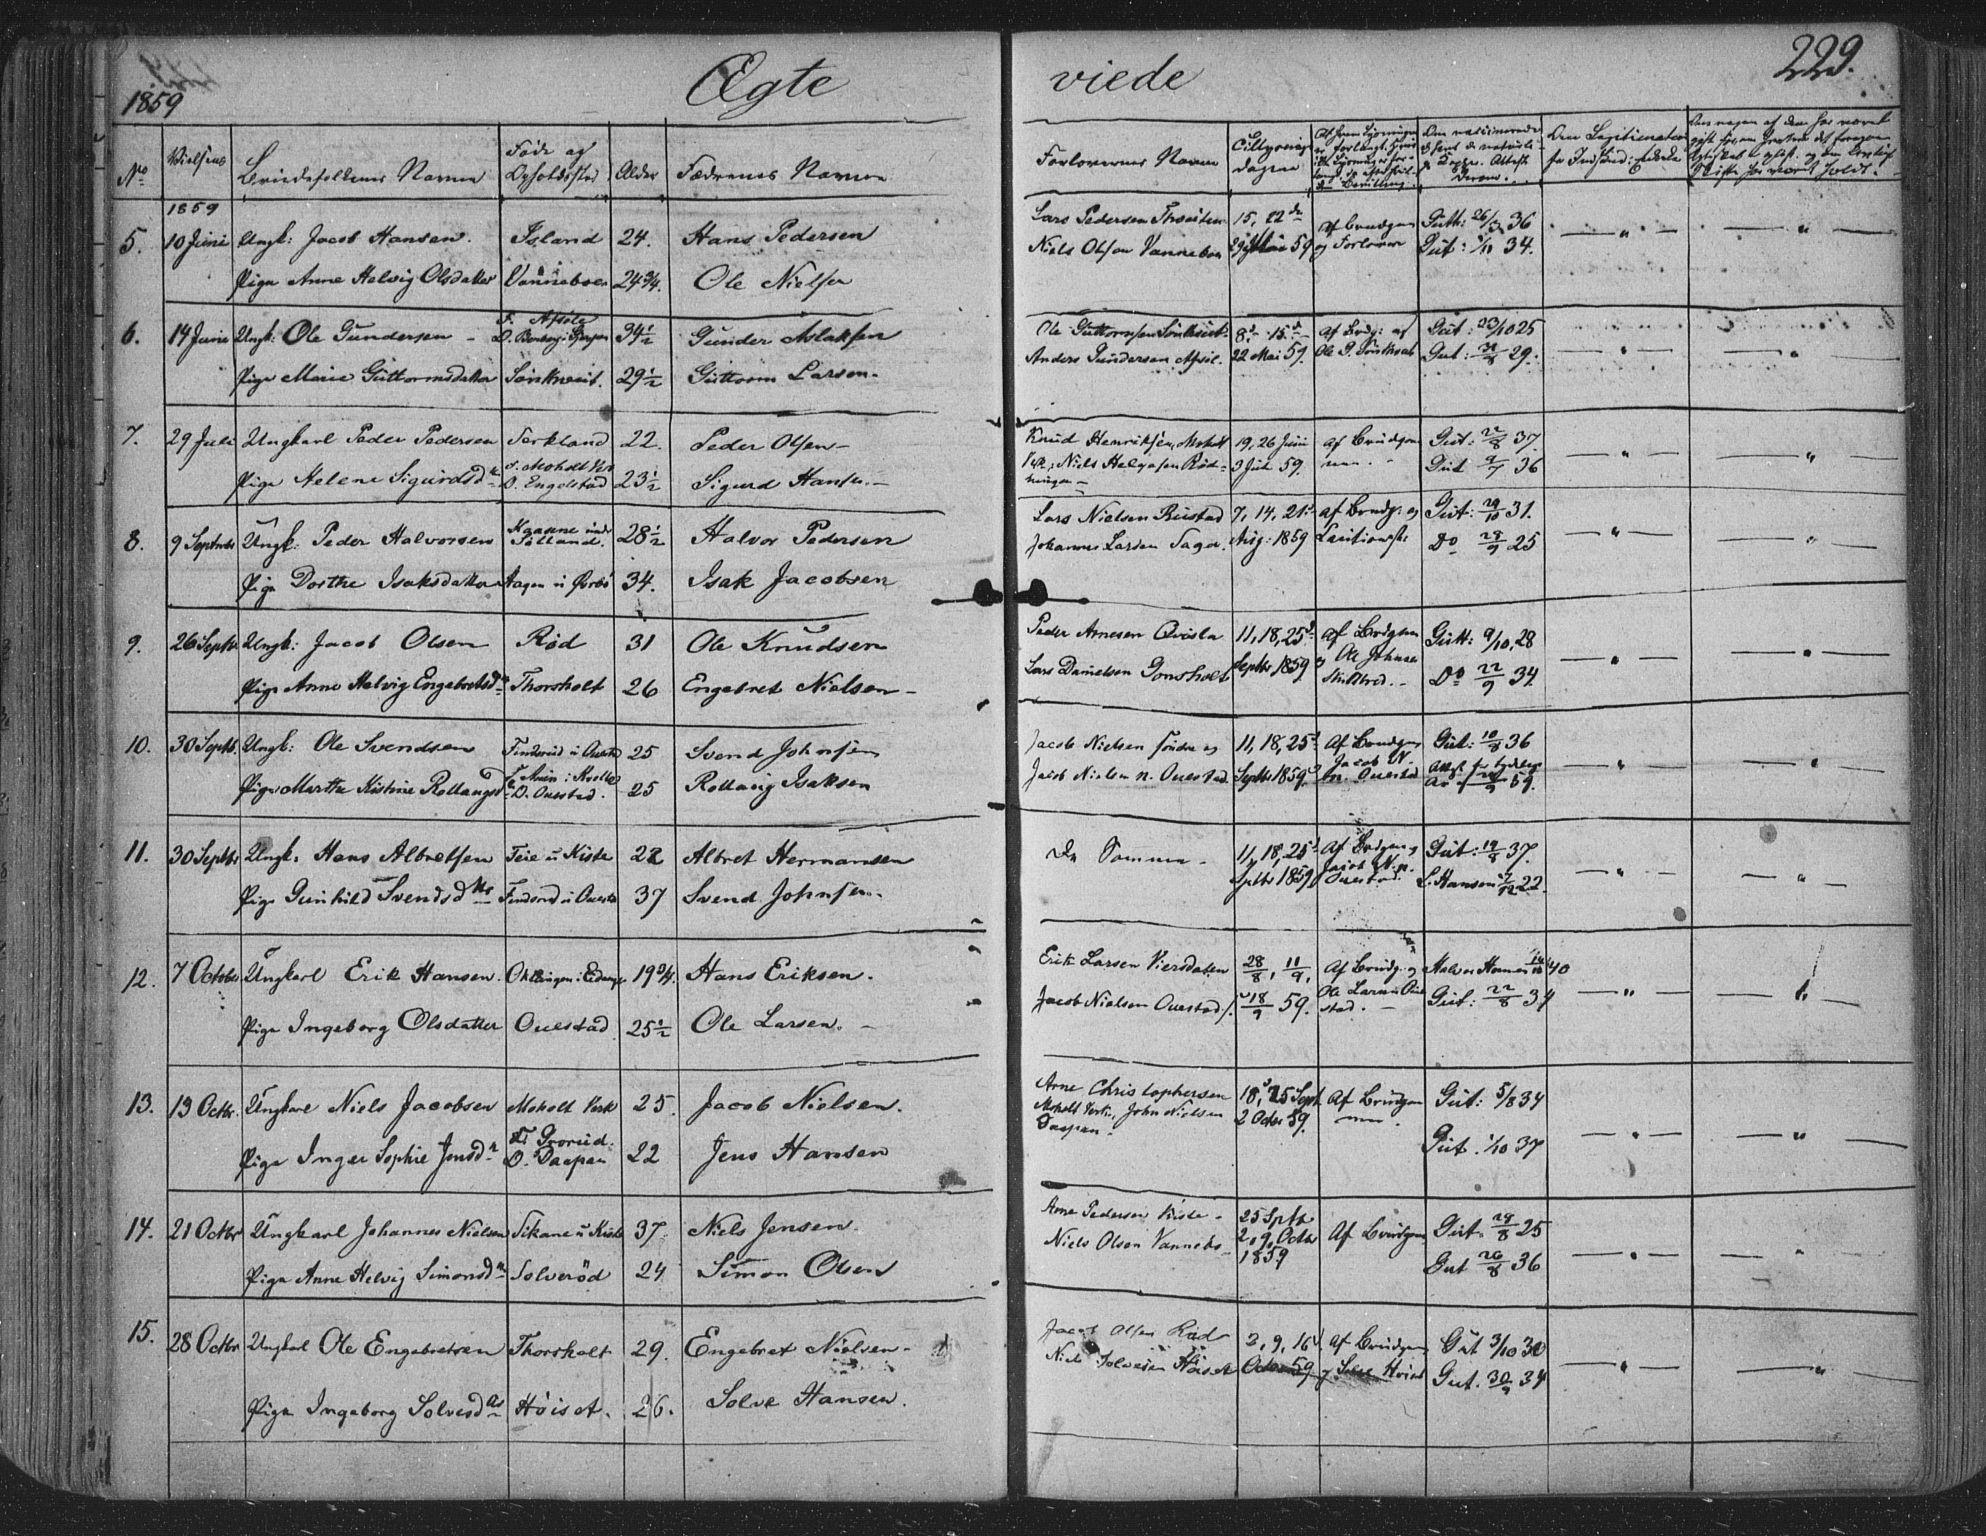 SAKO, Siljan kirkebøker, F/Fa/L0001: Ministerialbok nr. 1, 1831-1870, s. 230